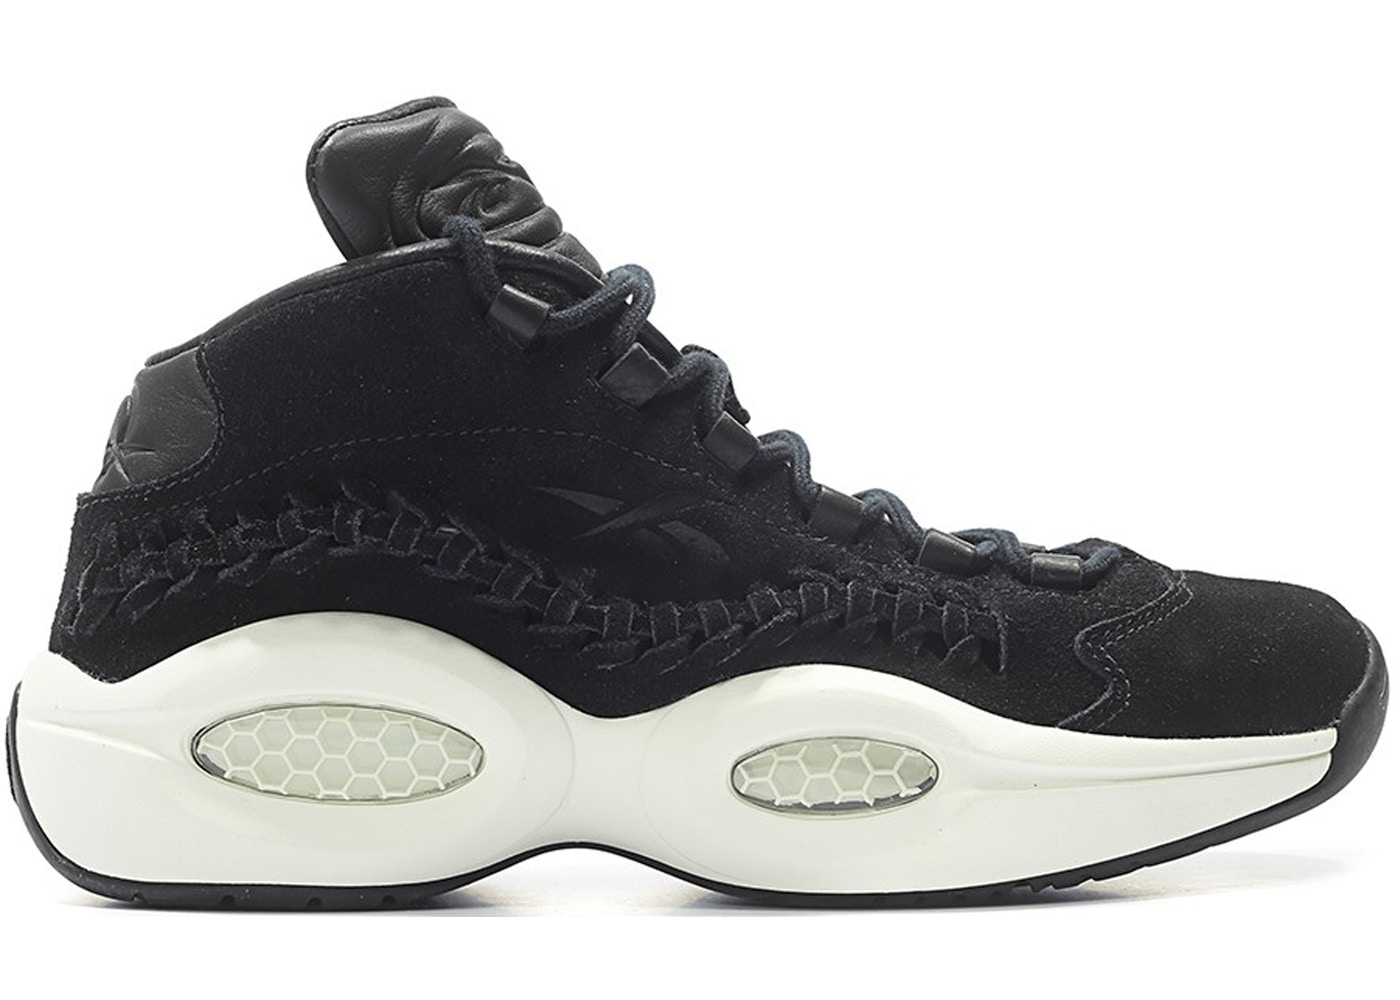 96351565761 Buy Reebok Size 14 Shoes   Deadstock Sneakers